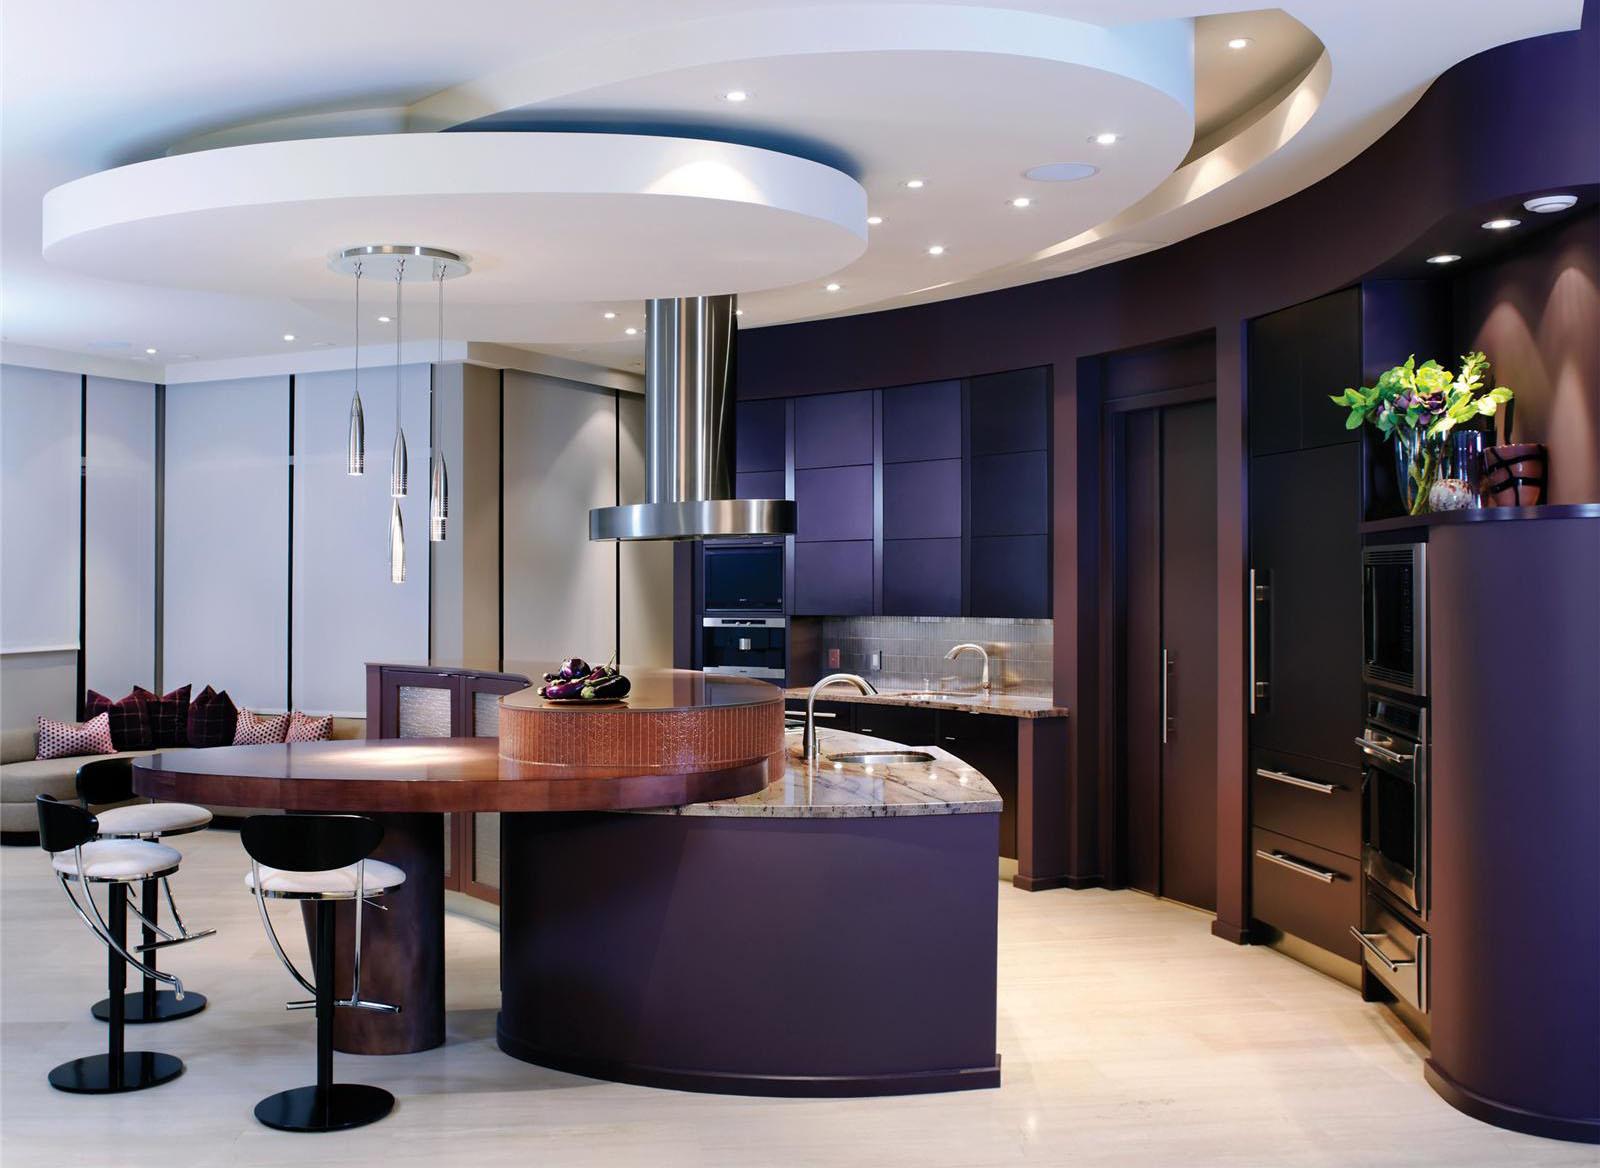 ruang dapur moden mewah dengan siling yang cool